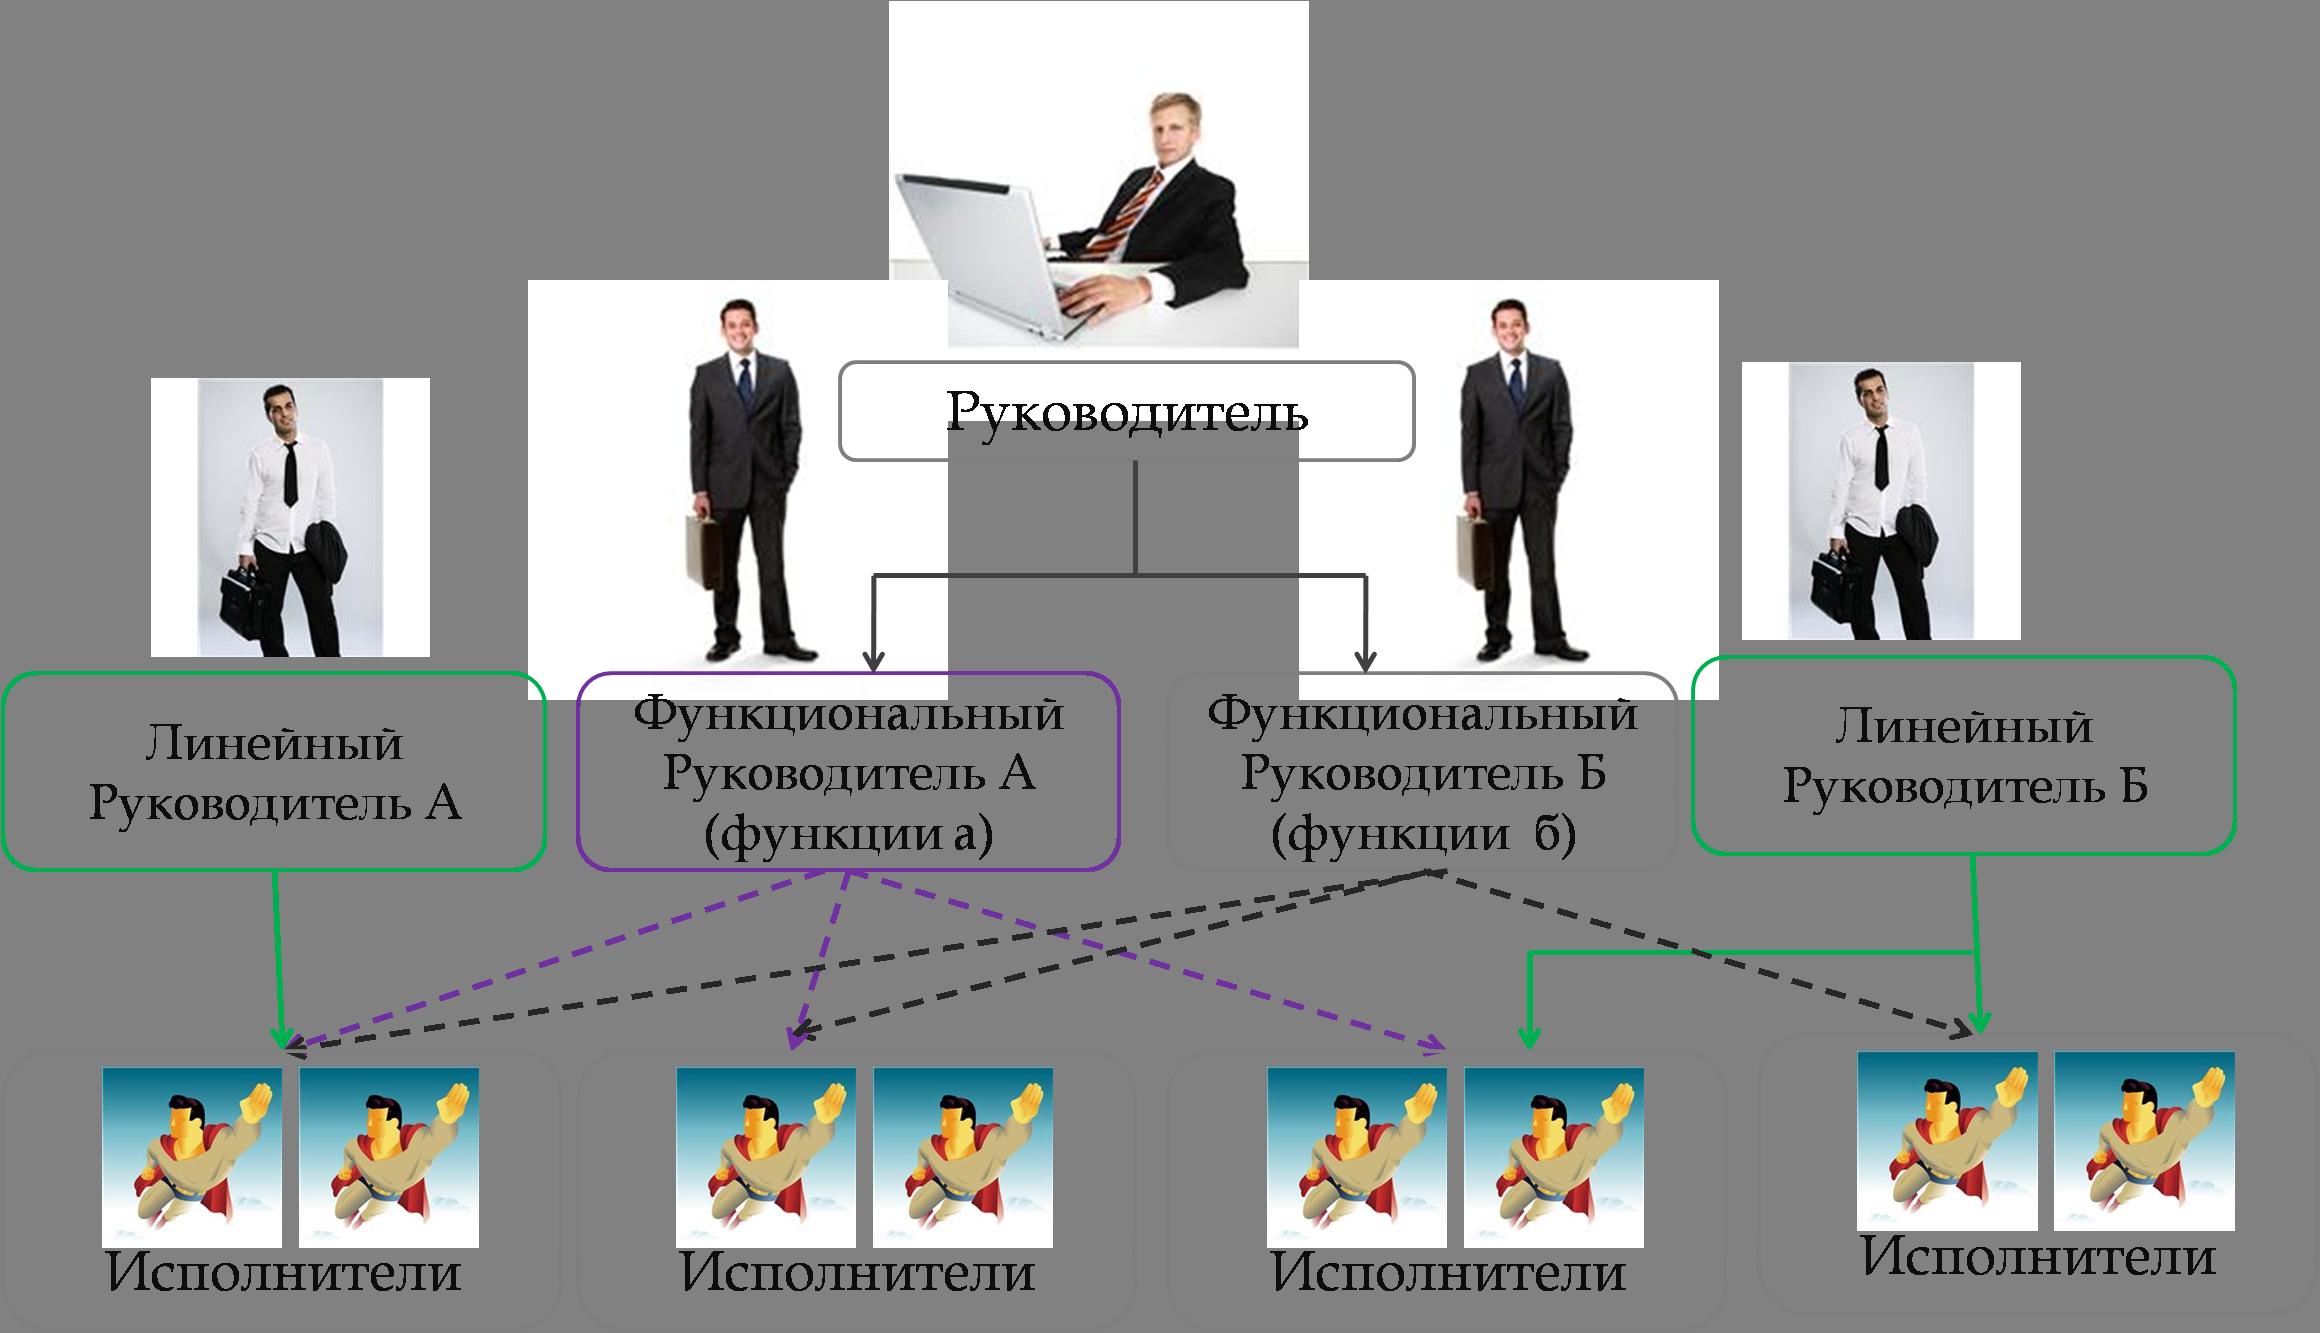 Линейно функциональная структура управления finance management  Рисунок 3